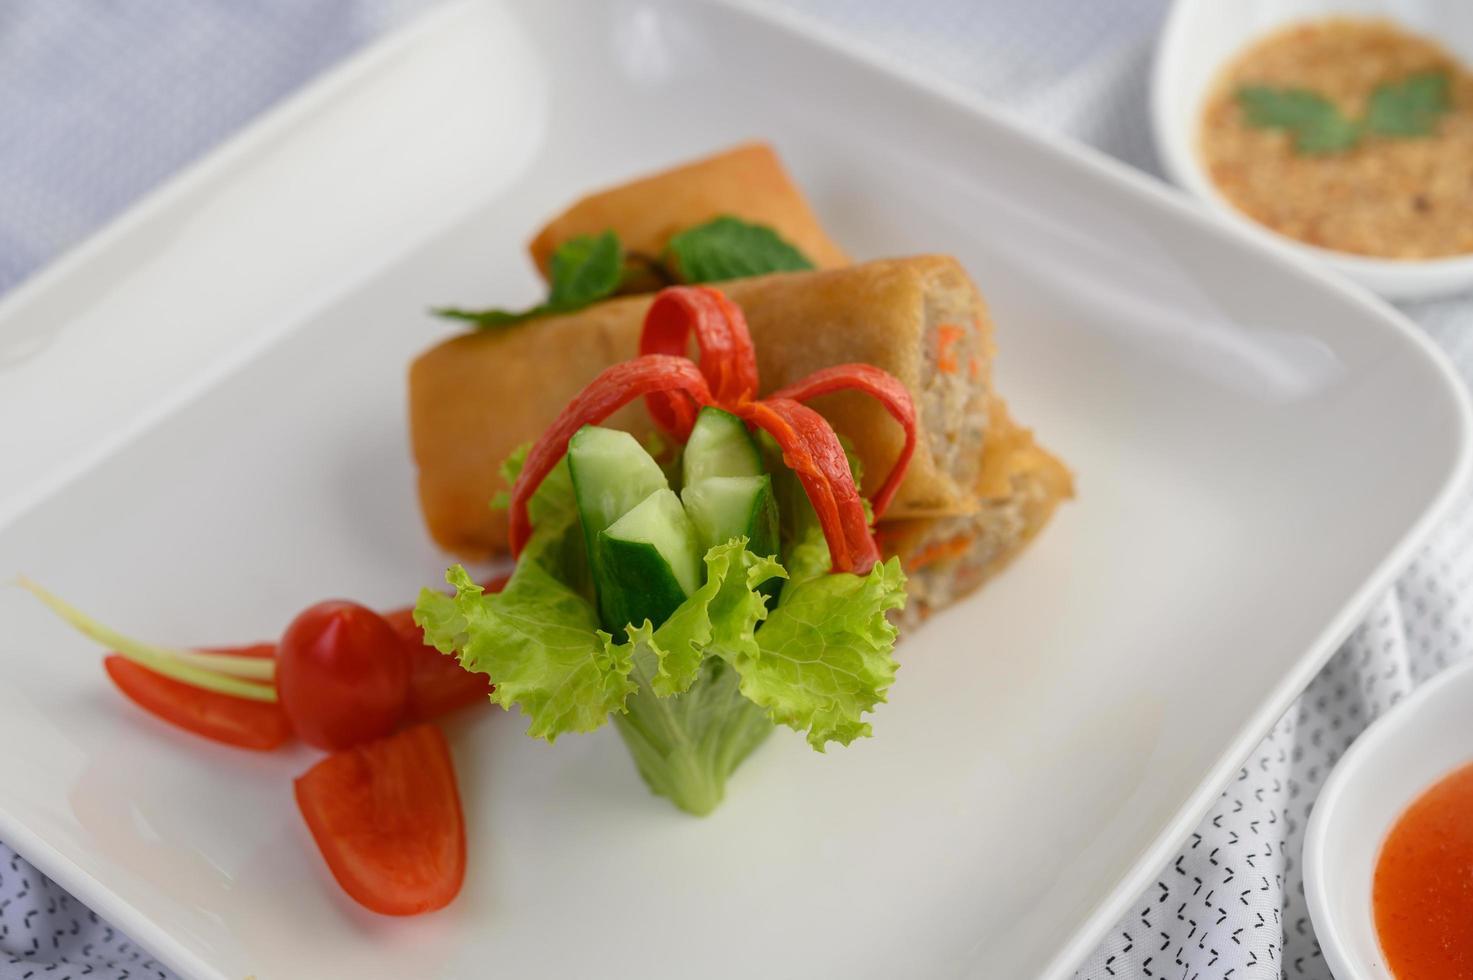 gebakken loempia met salade foto